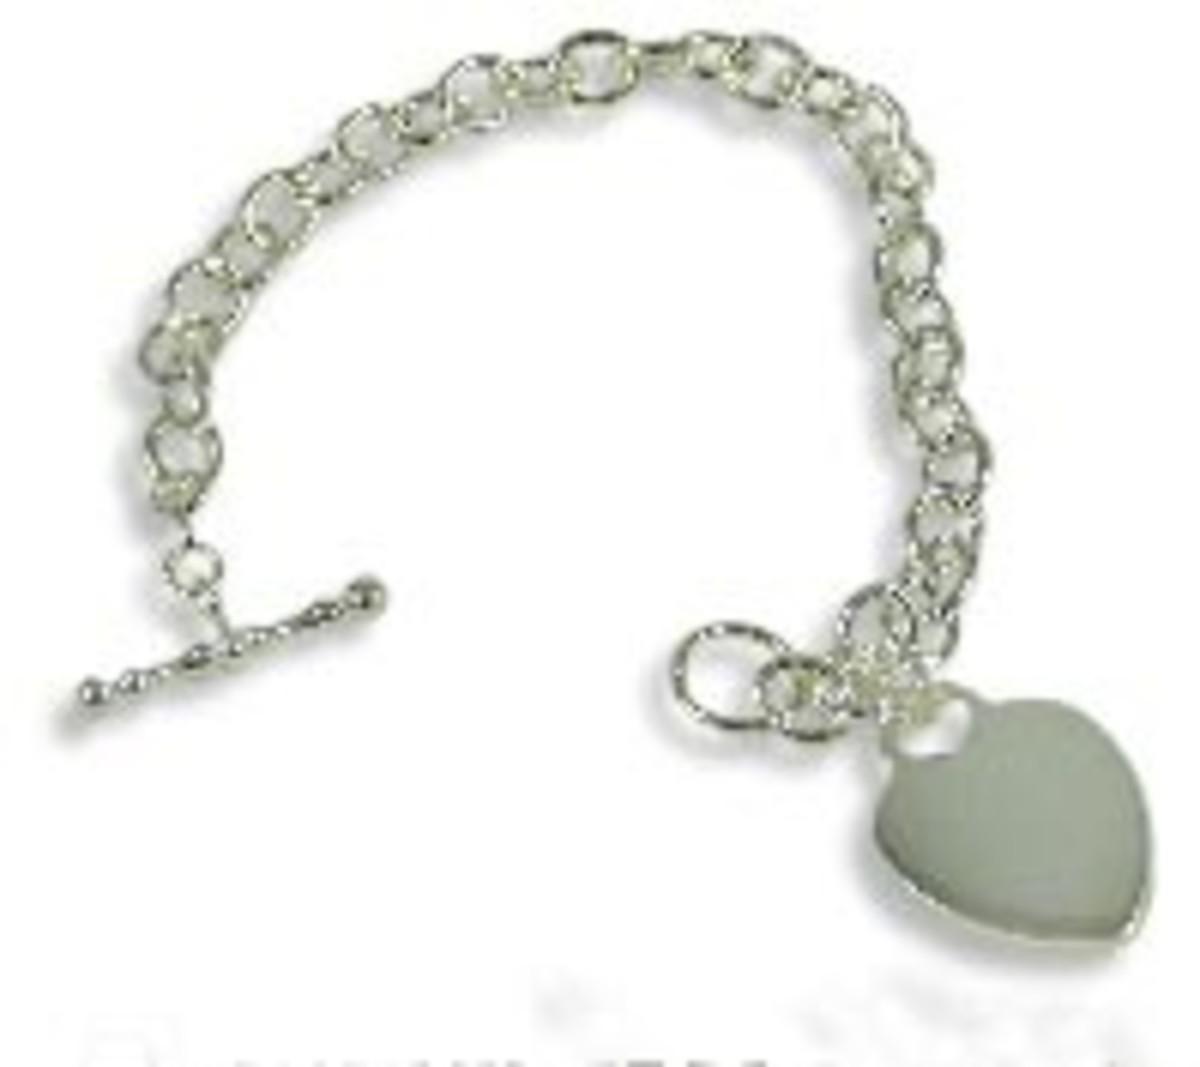 Tiffany-style silver heart bracelet.